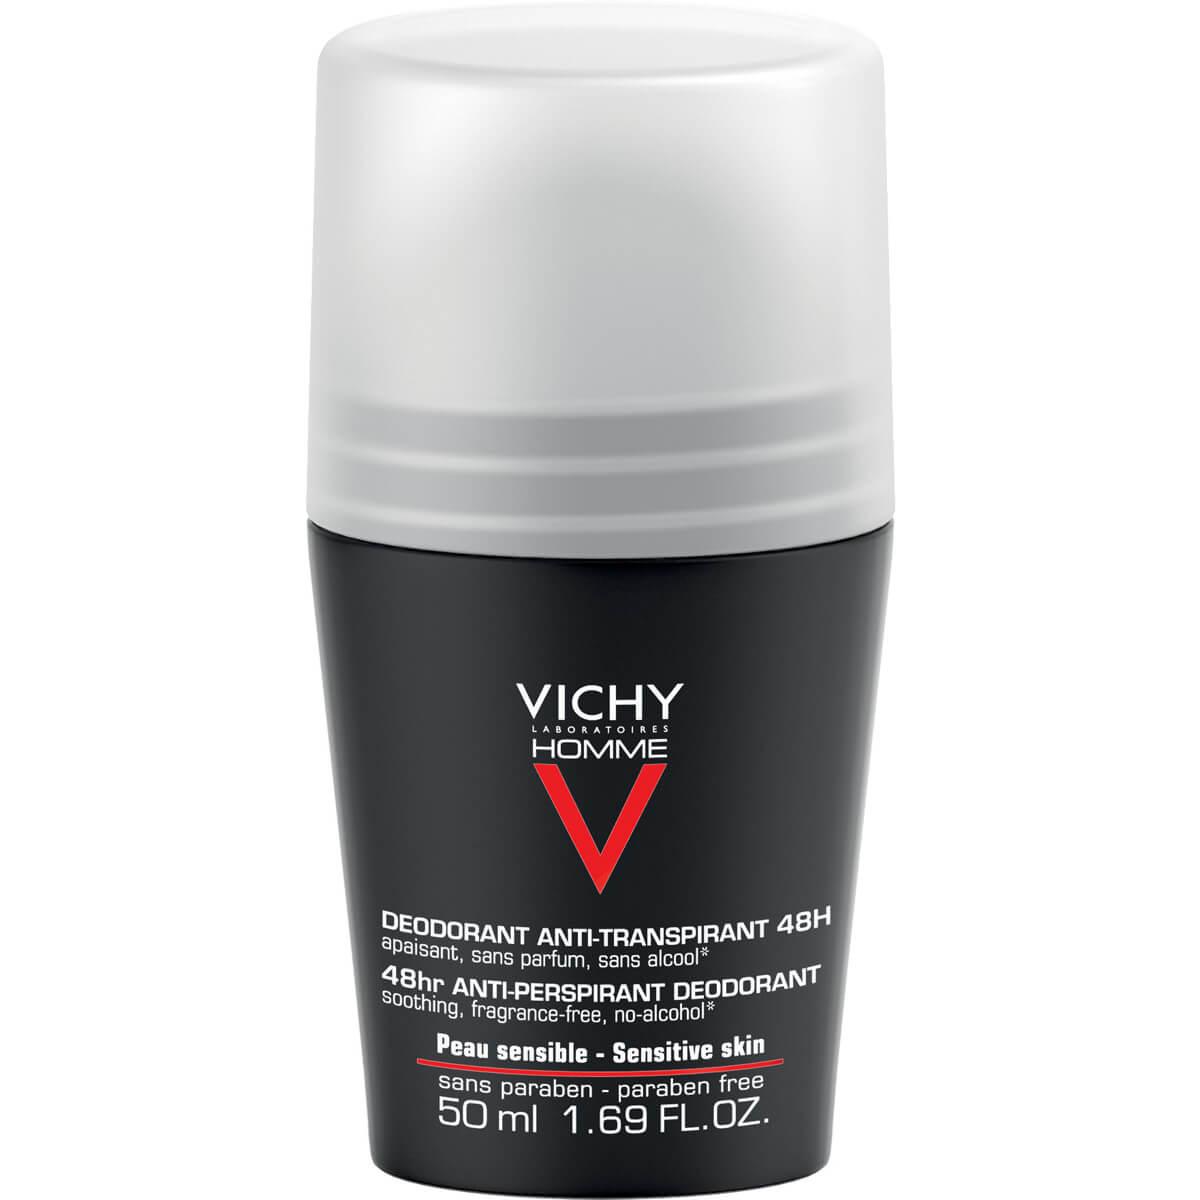 Vichy Homme Deodorant Bille Ανδρικό Αποσμητικό Κατά του Ιδρώτα για Ευαίσθητη Επιδερμίδα 48h 50ml